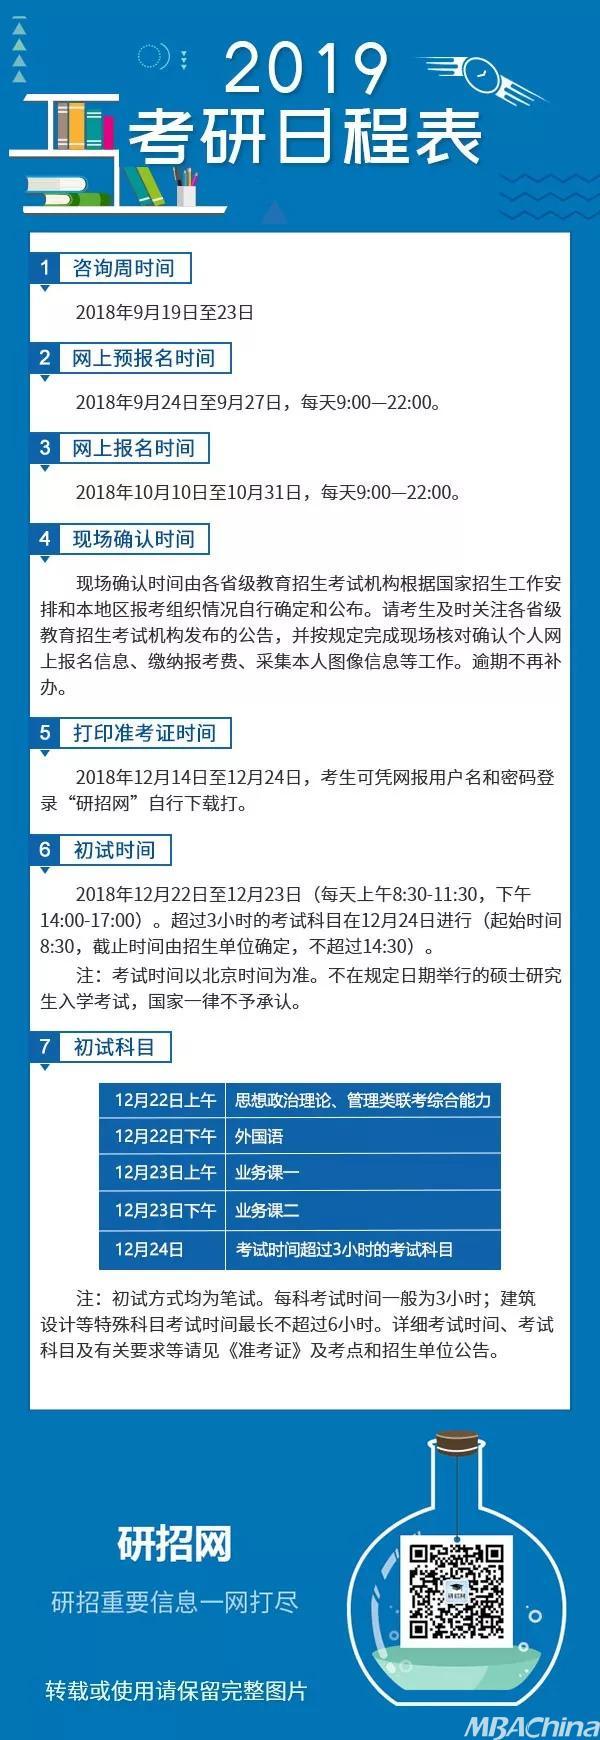 2019研招管理规定5个变化